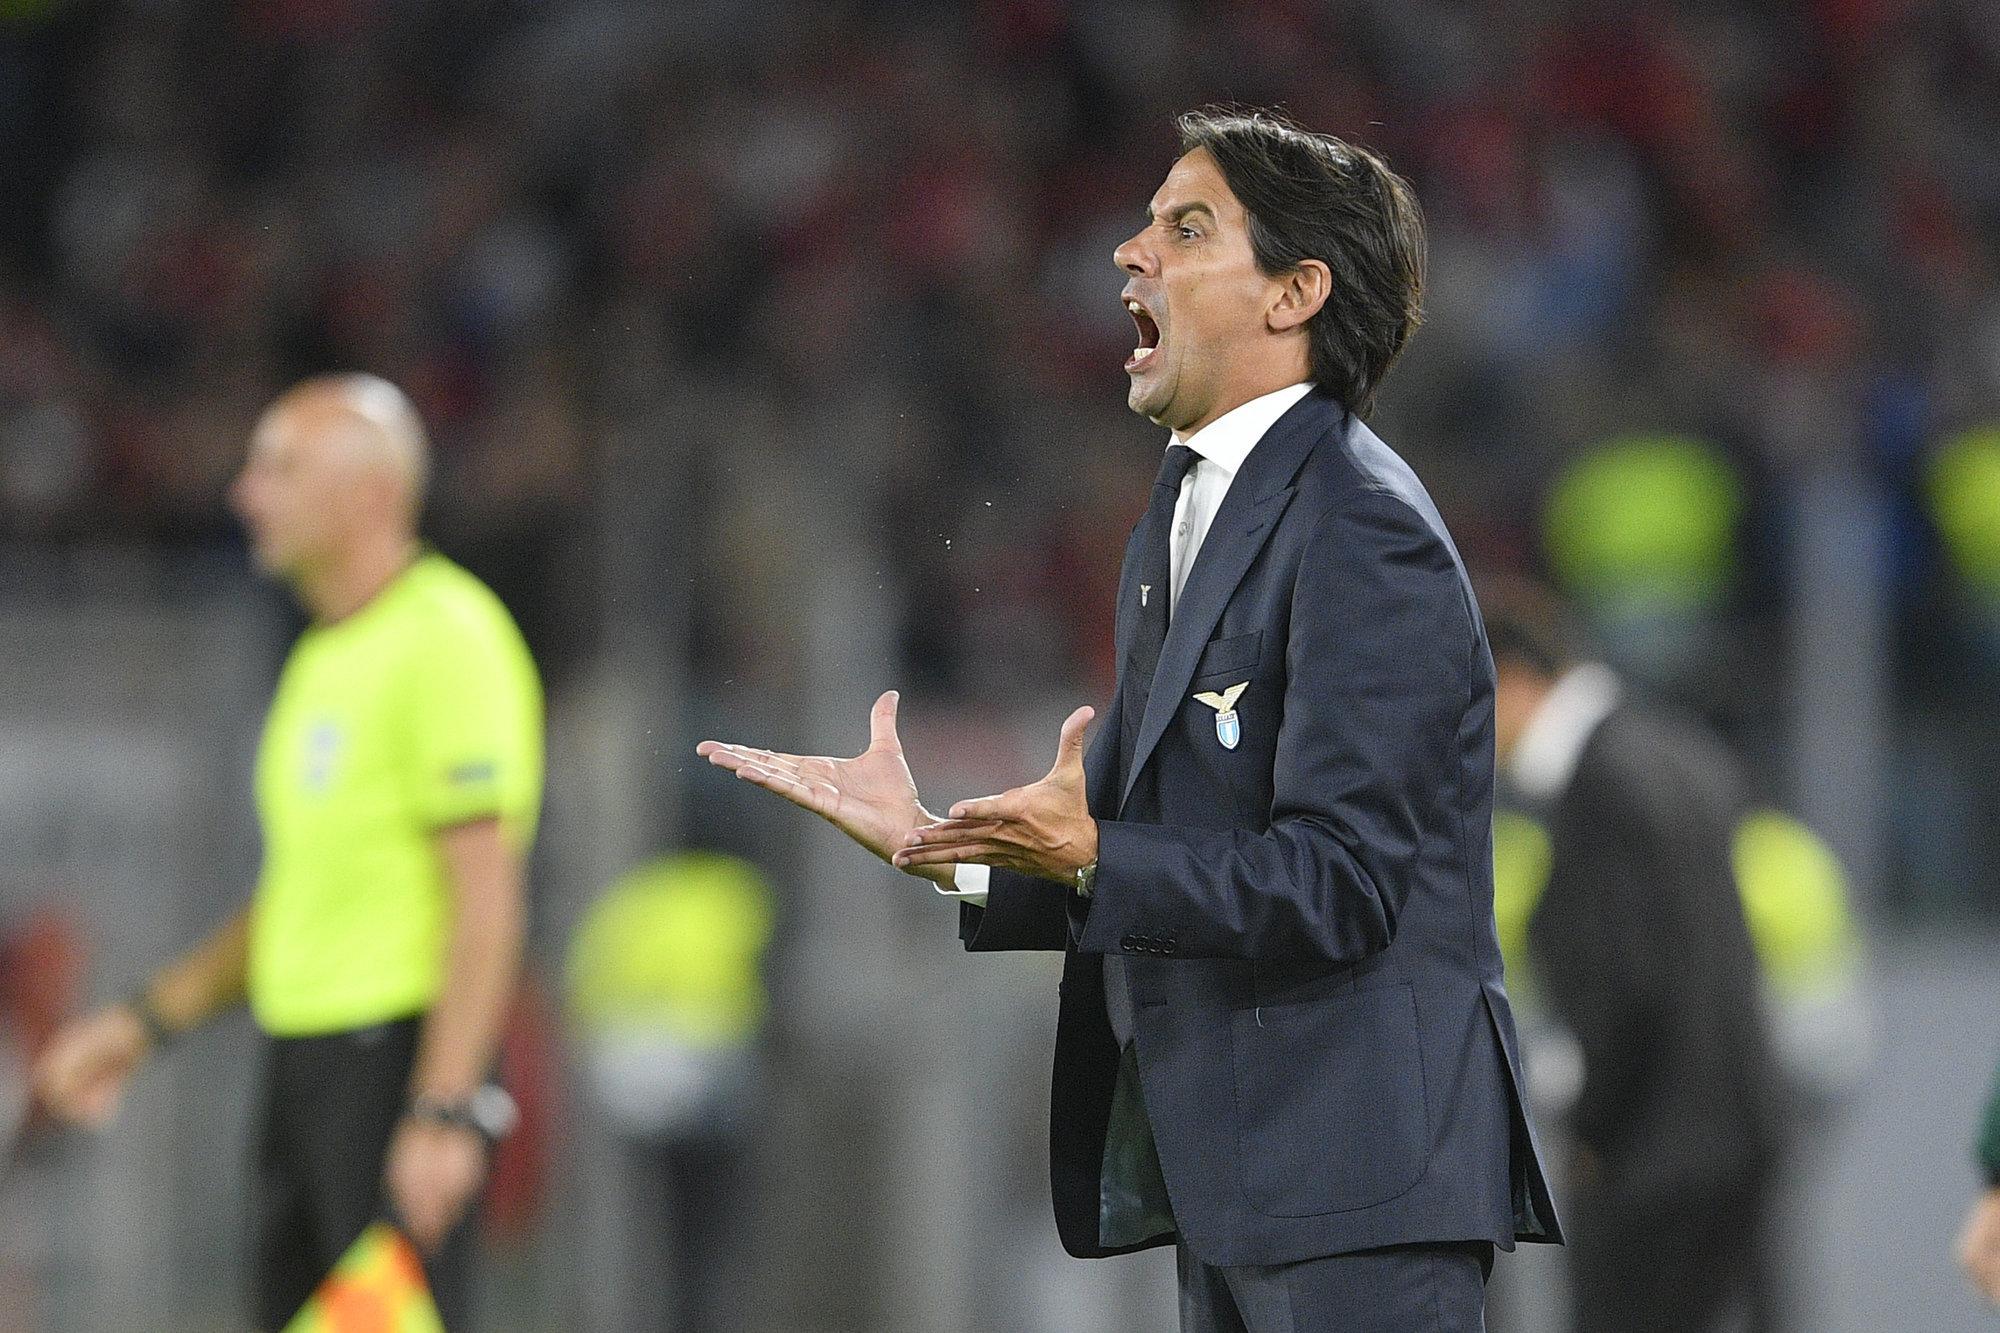 Симоне Индзаги: «Если бы мог, заменил бы в перерыве весь состав в матче с «Сампдорией»